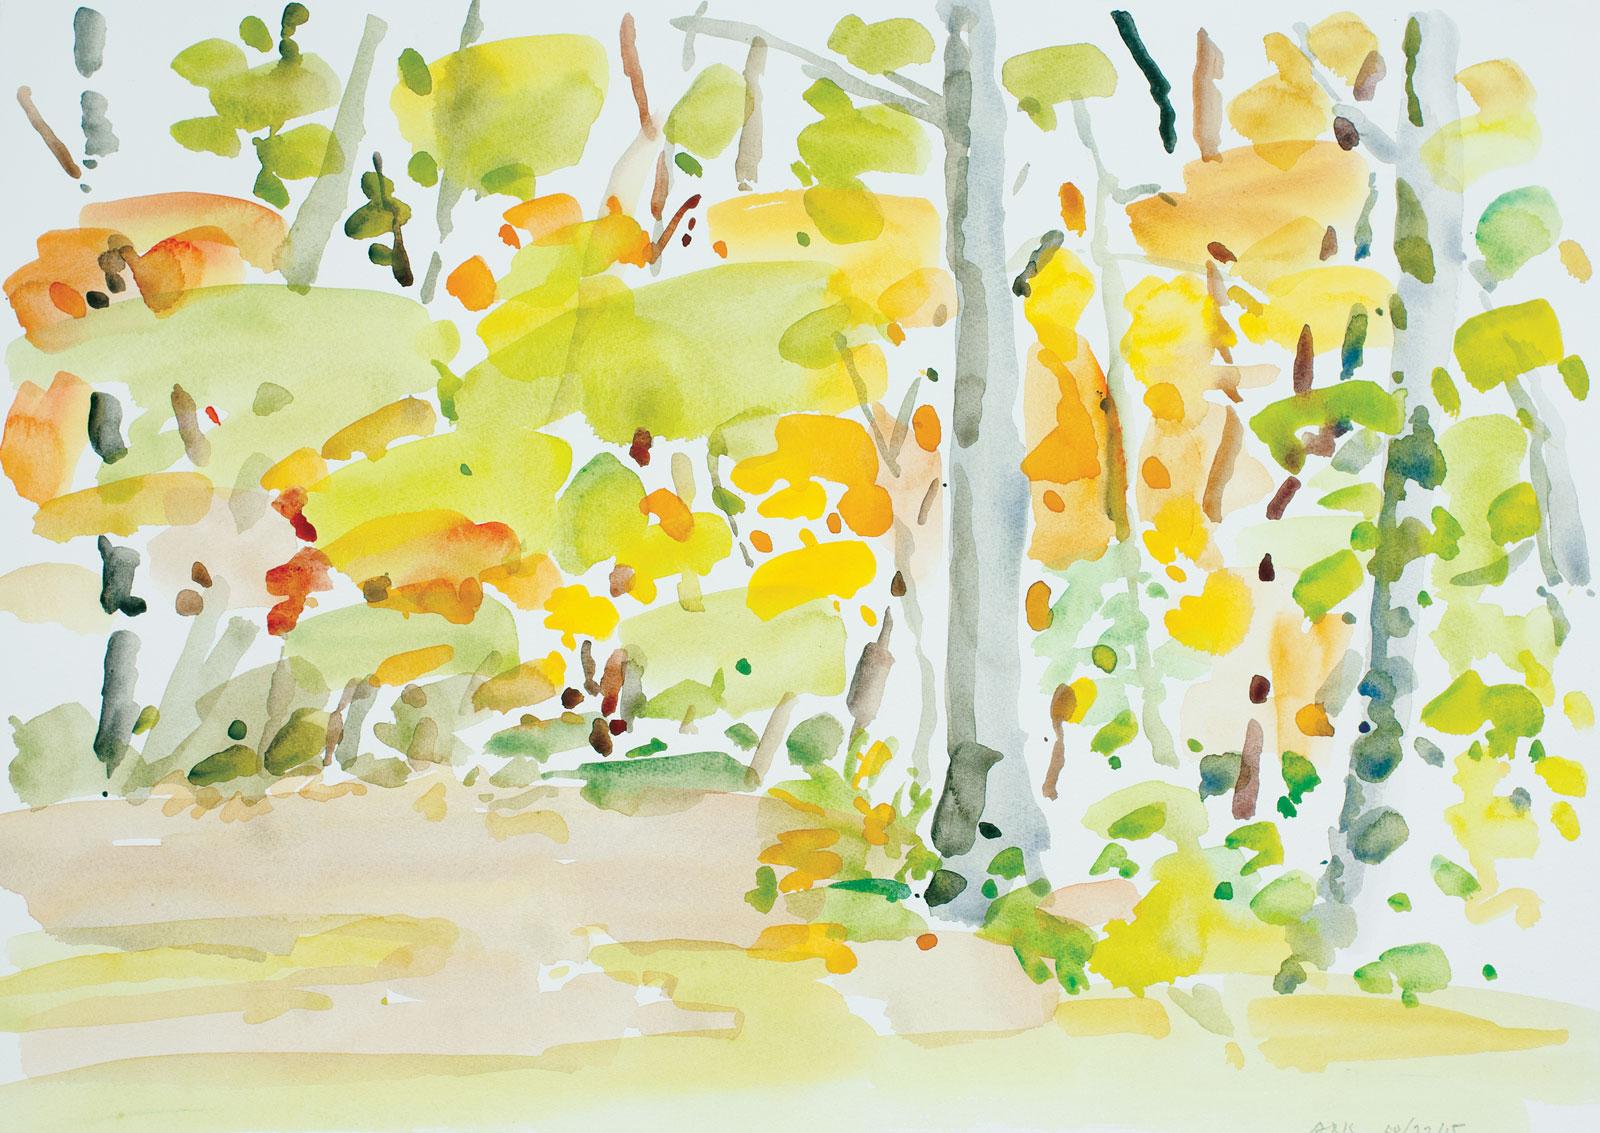 Backyard Autumn-102215-14x20